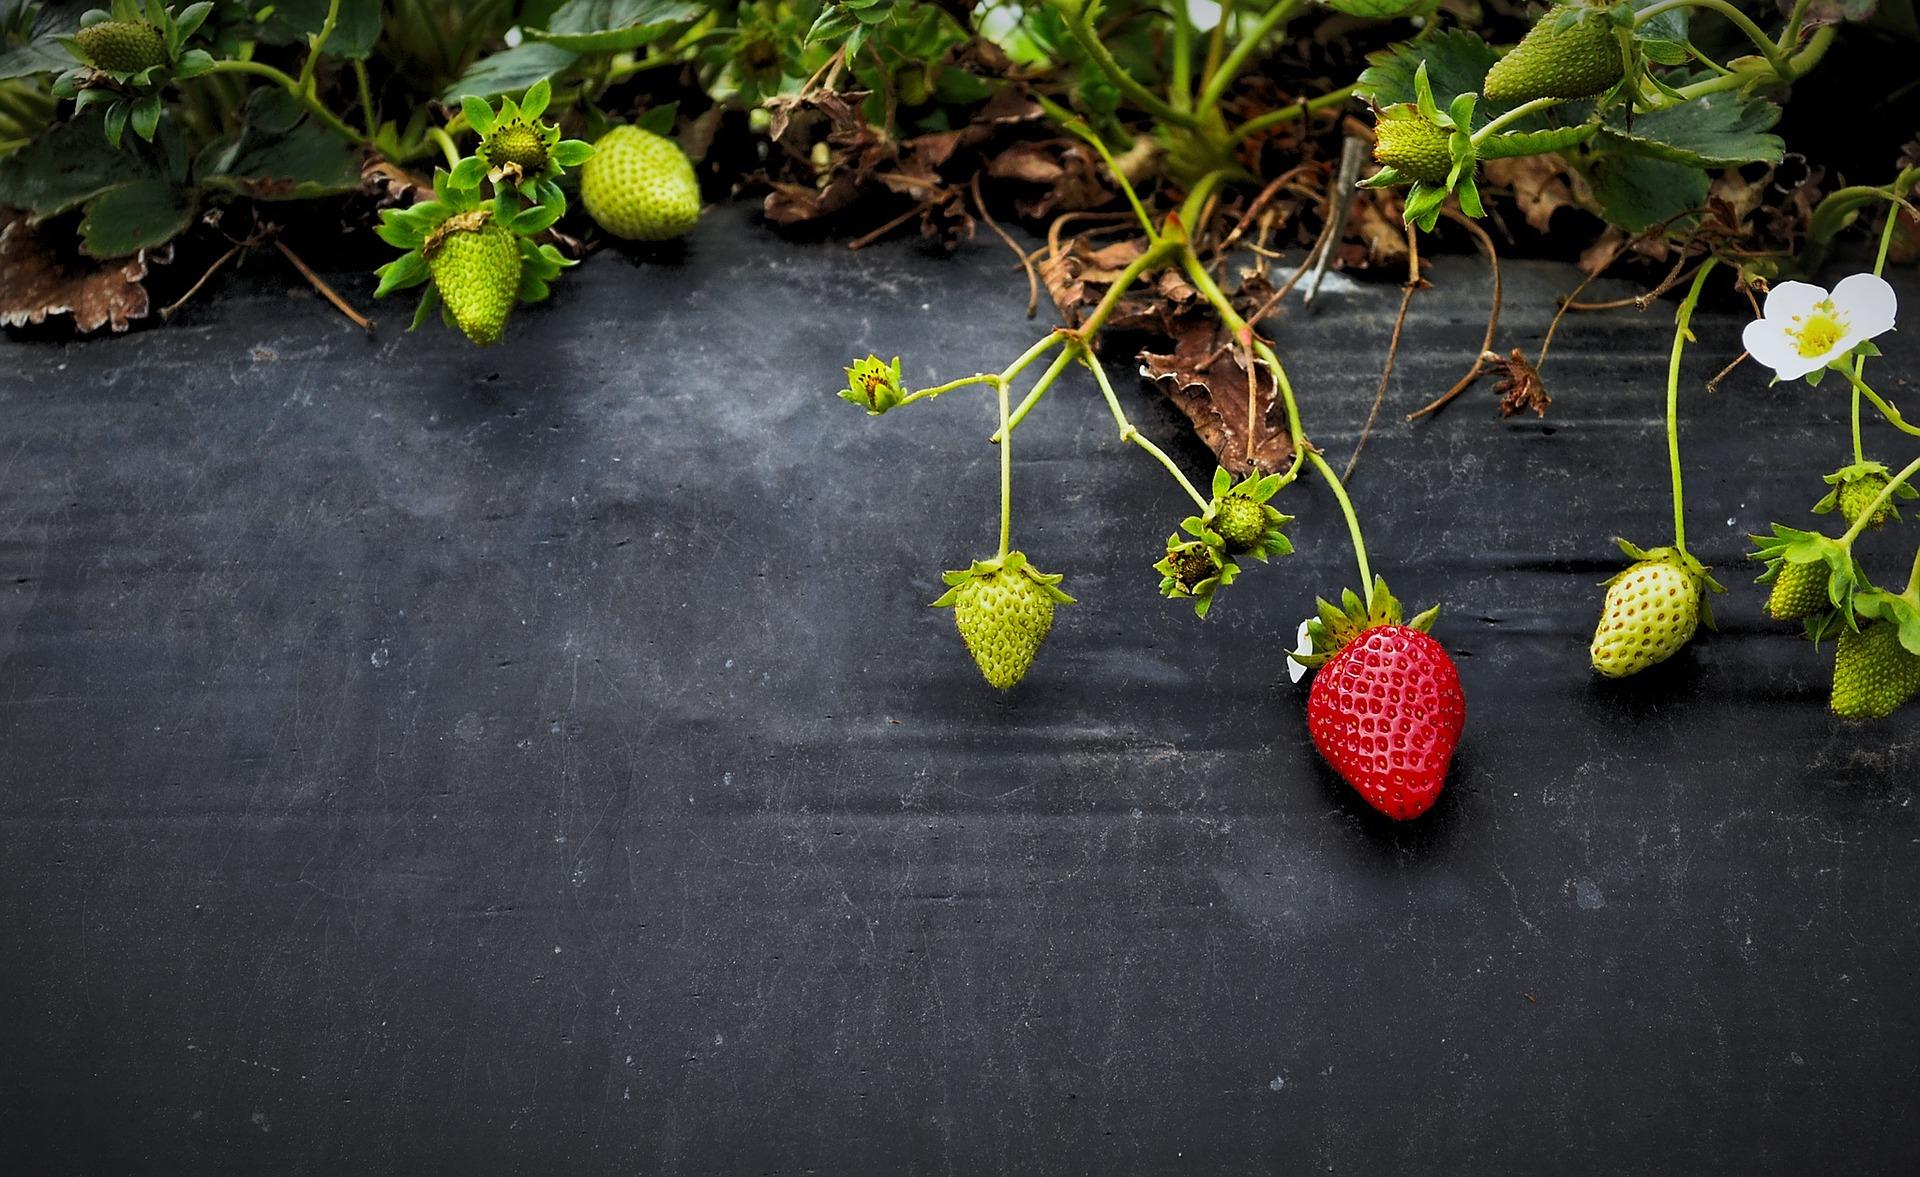 strawberries-828627_1920.jpg